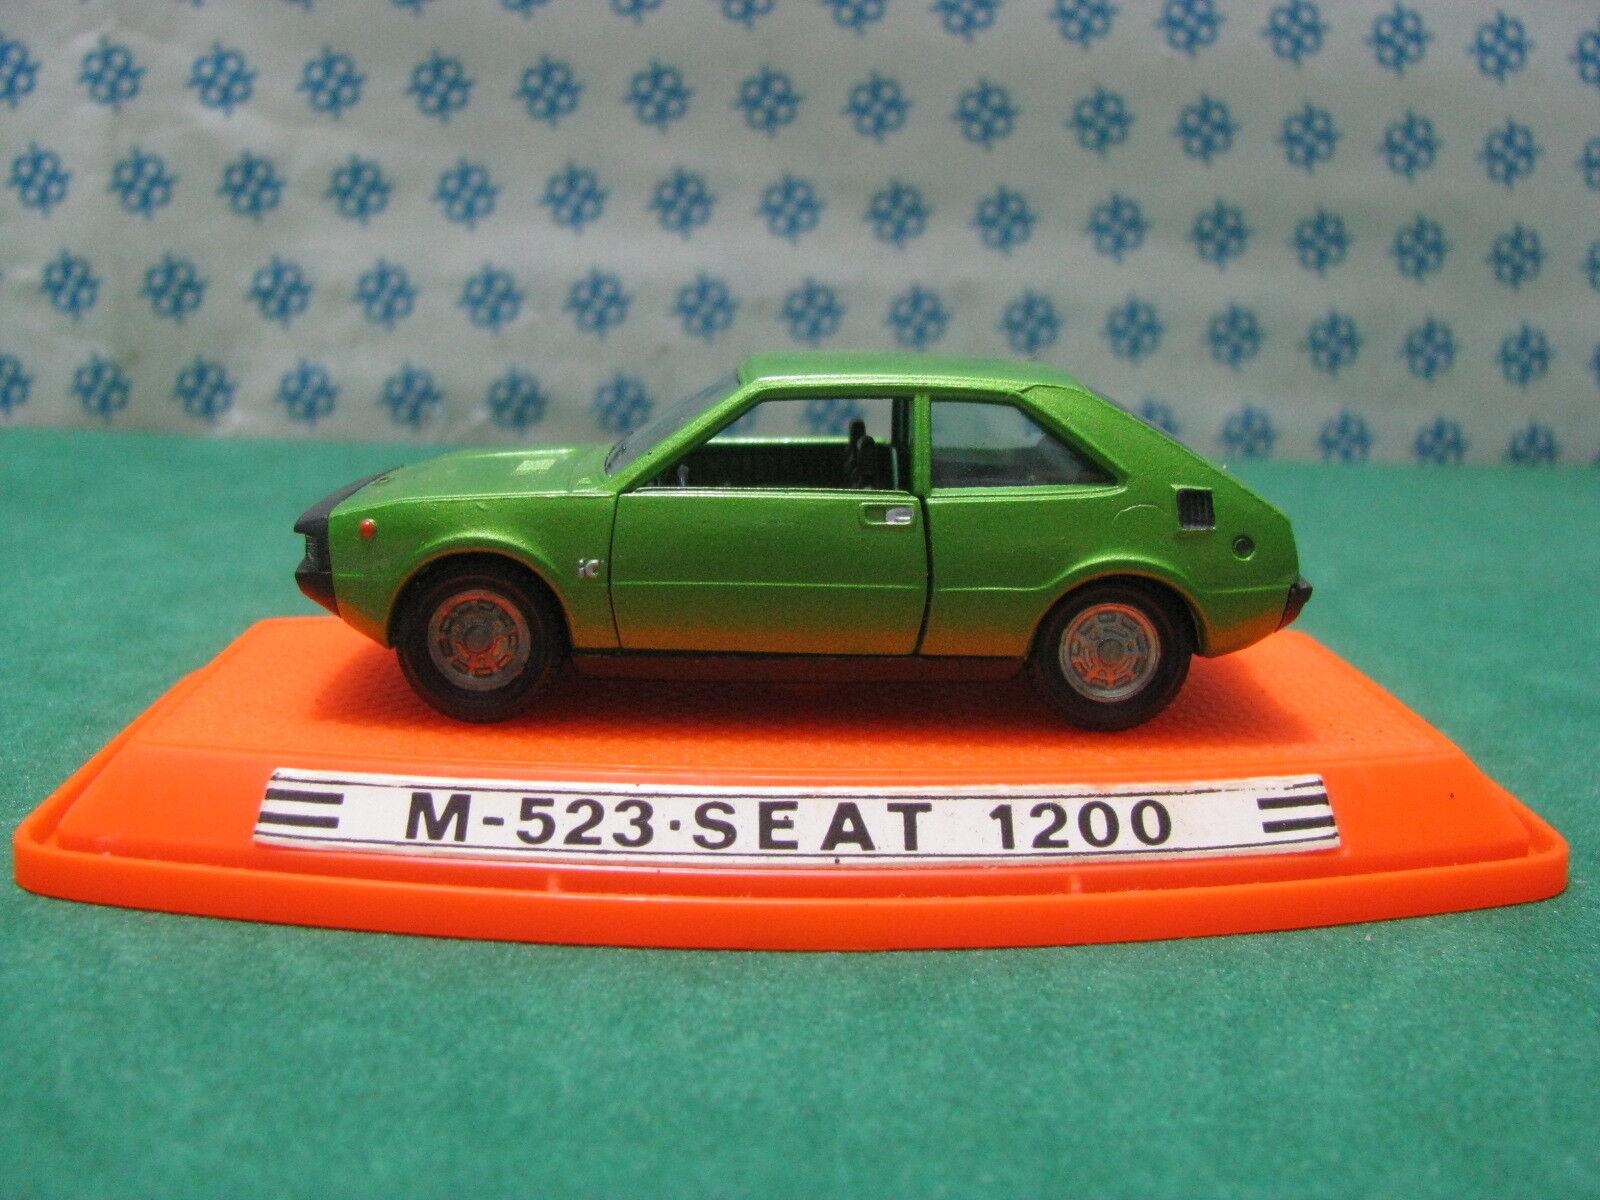 Vintage - Seat 1200 - 1 43 Auto-pilen M-523 Mint in Box